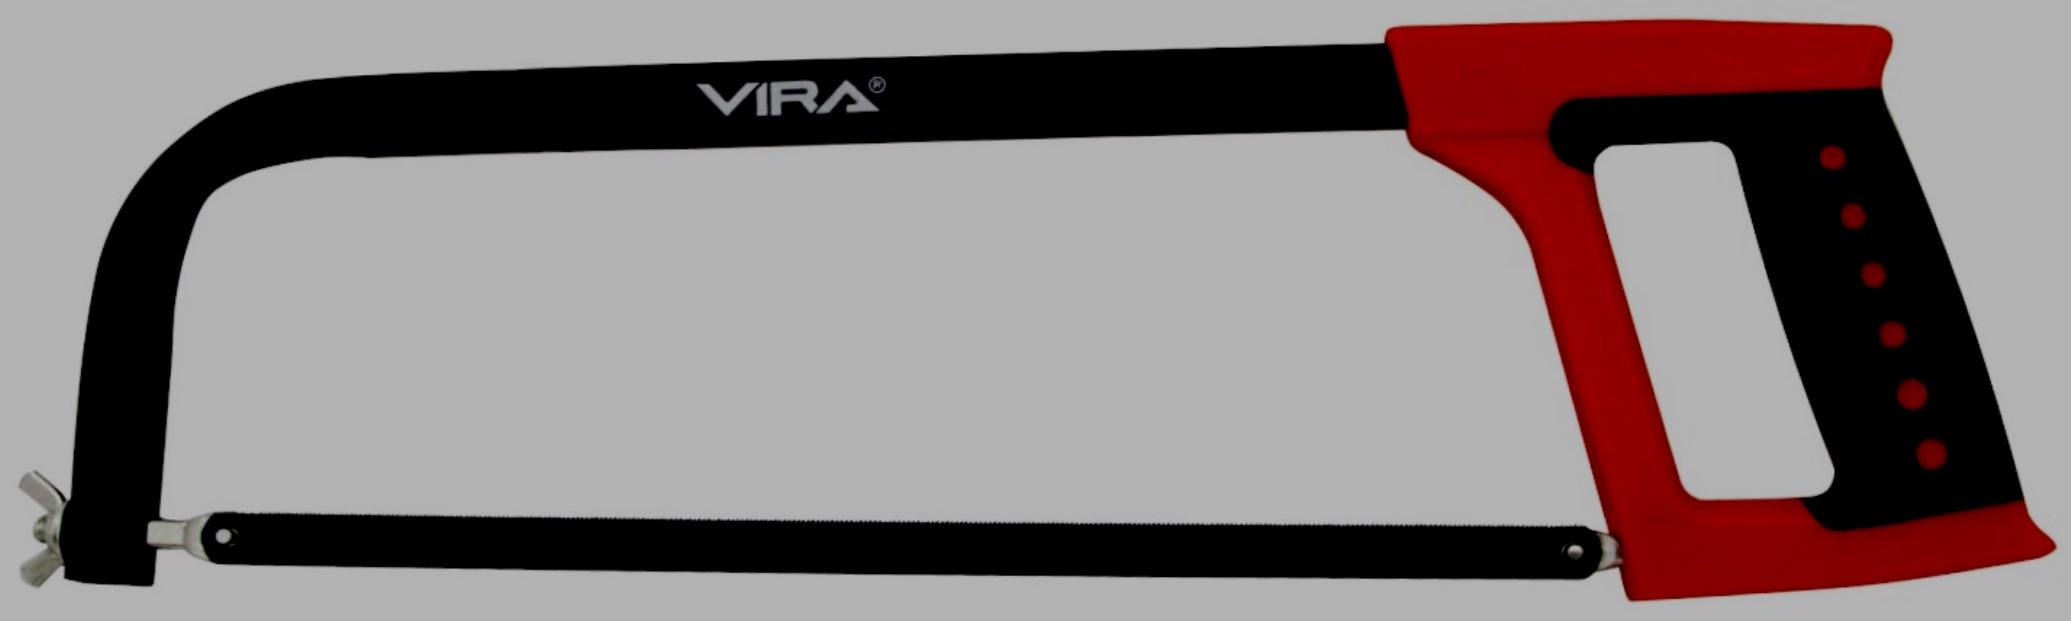 Vira 801010